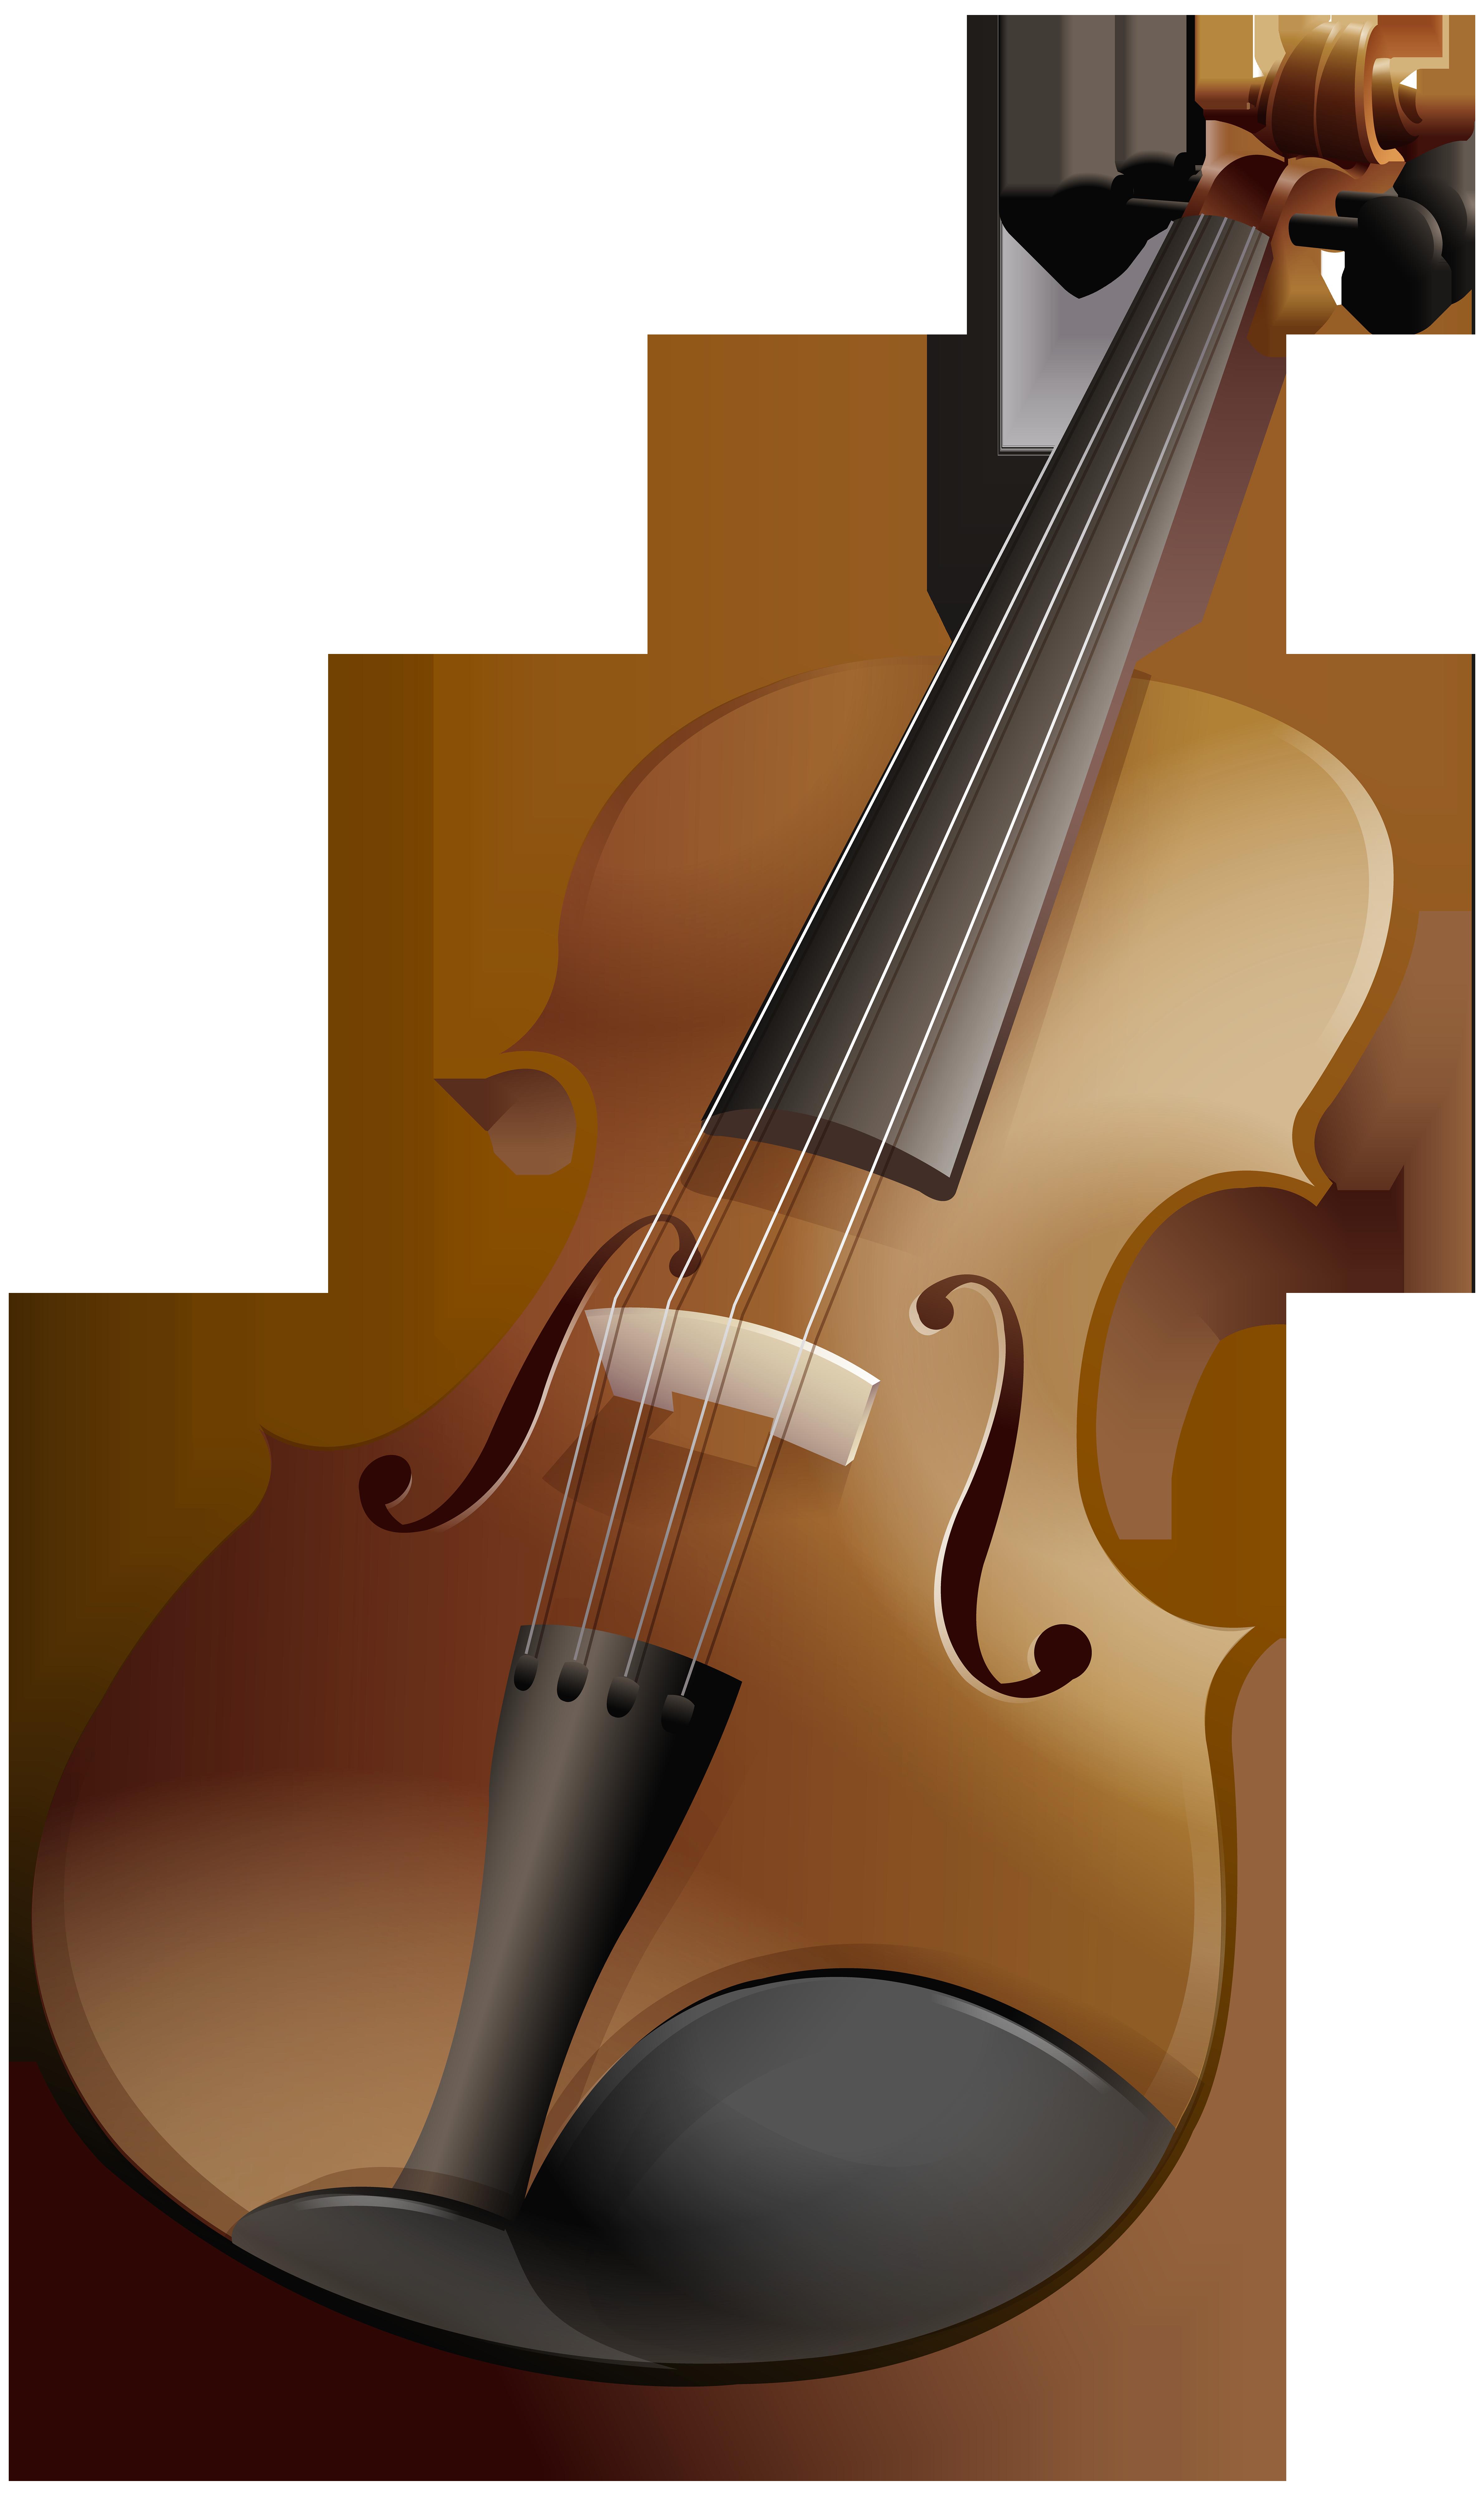 Instruments clipart viola. Violin png clip art